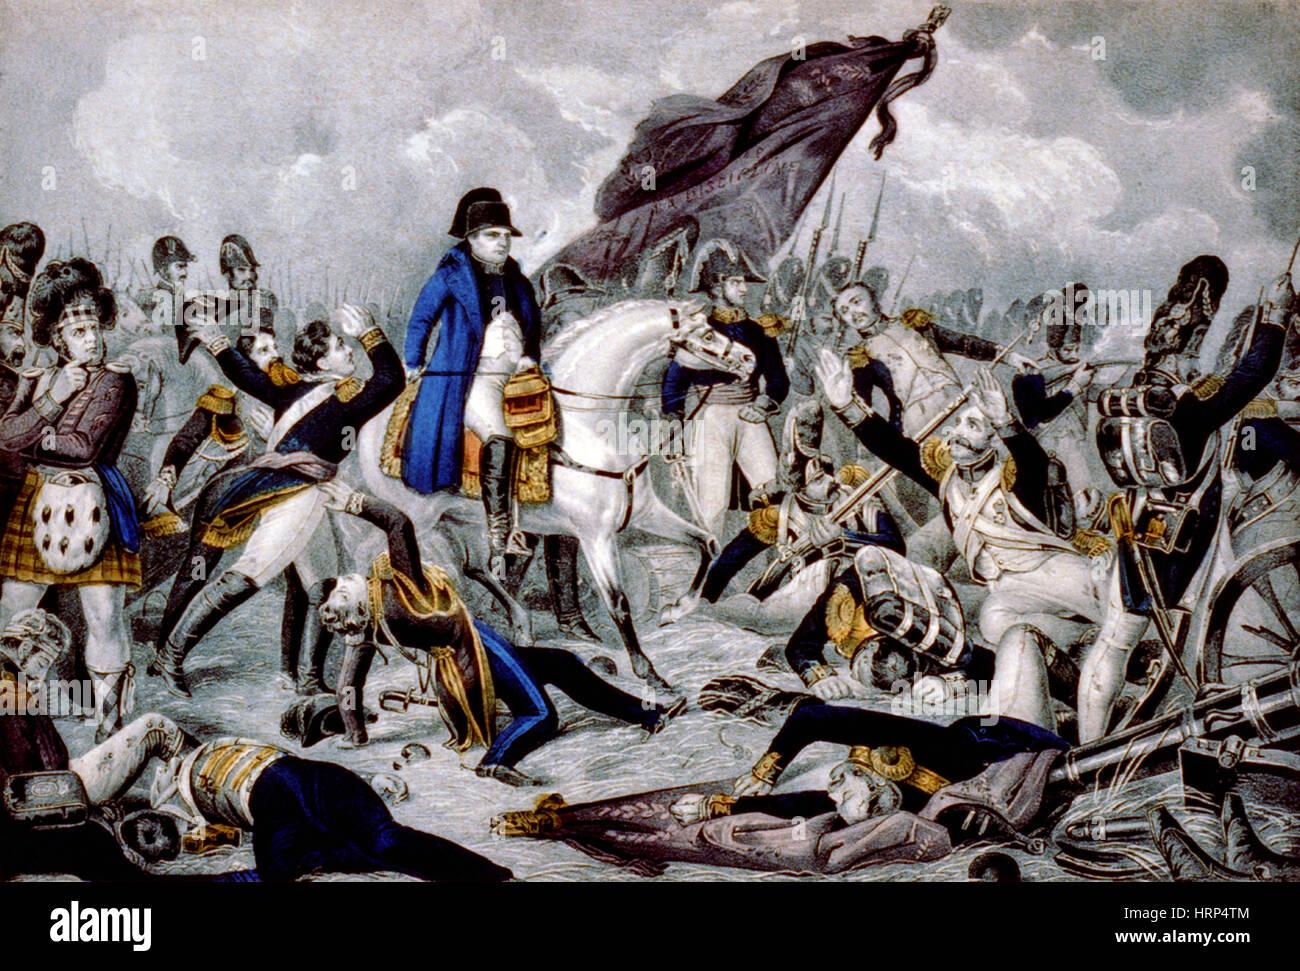 Batalla de Waterloo, 1815 Imagen De Stock